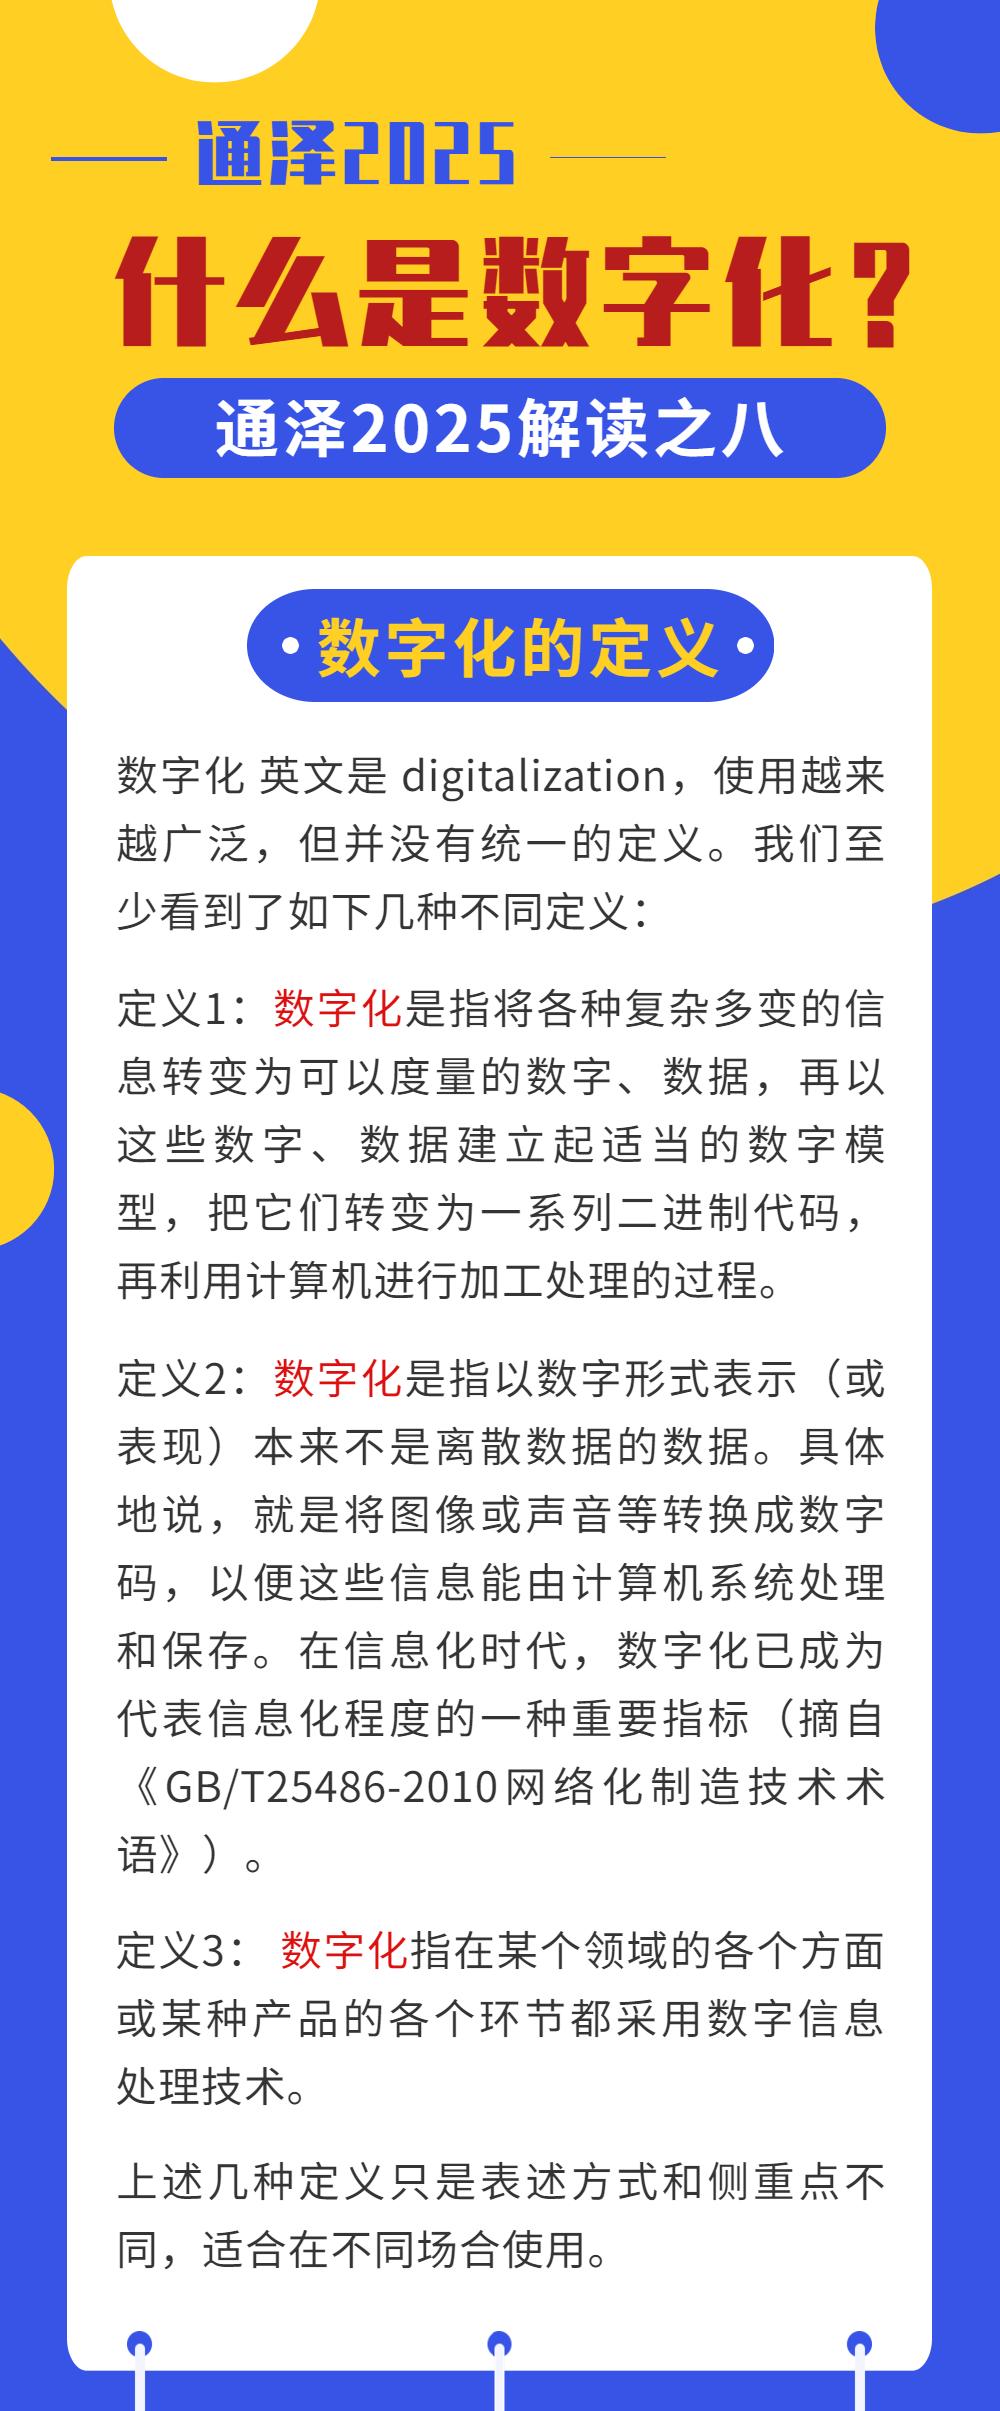 什么是数字化? ——通泽2025解读之八